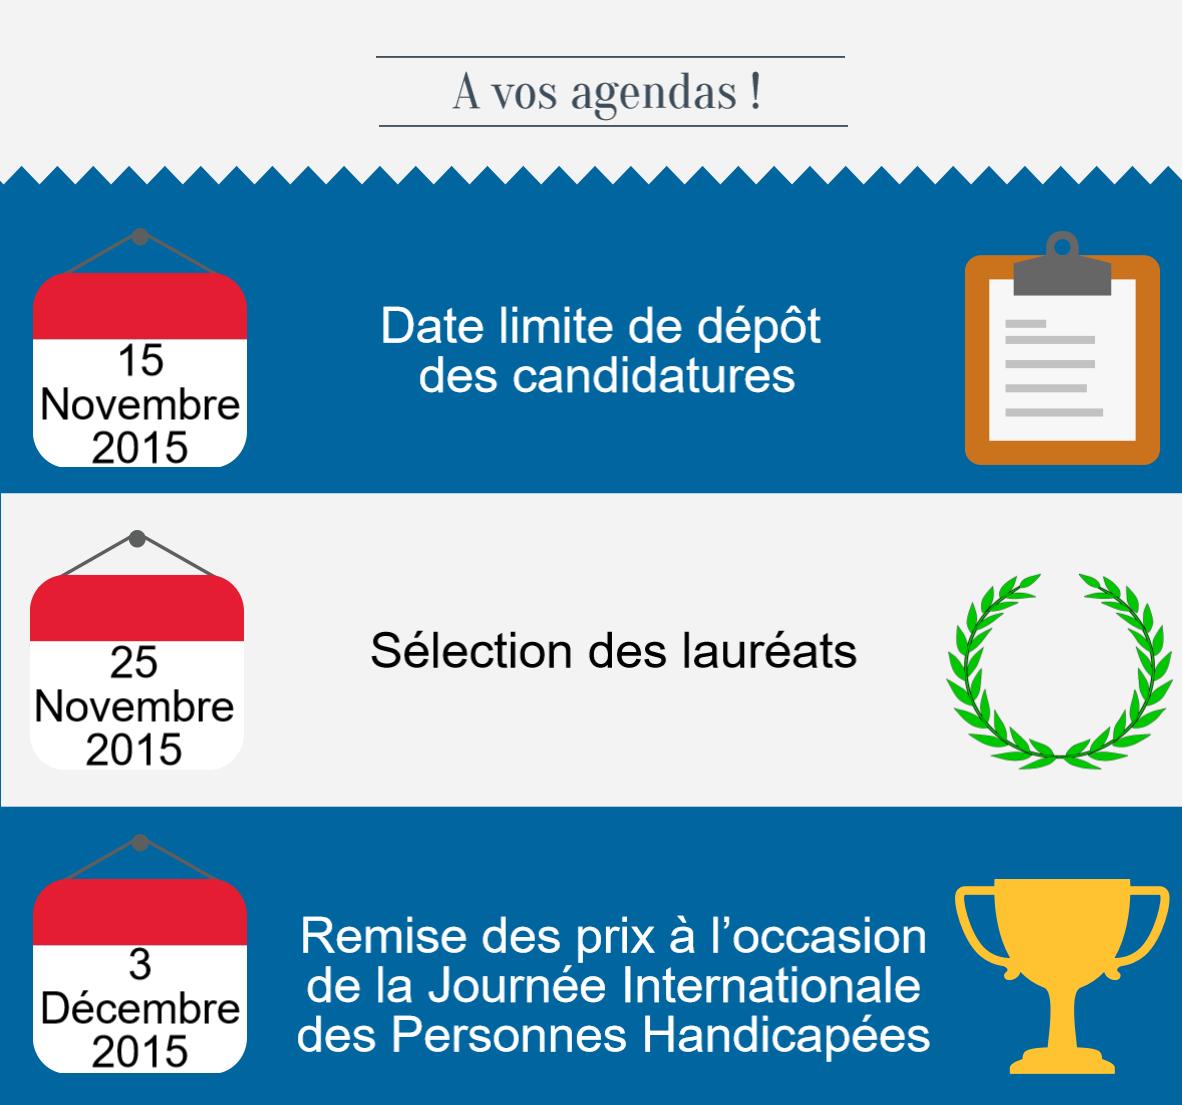 A vos agendas! 15 Novembre 2015: date limite de dépôt des candidatures. 25 Novembre 2015: sélection des lauréats. 3 décembre 2015: remise des prix à l'occasion de la Journée Internationale des Personnes Handicapées.